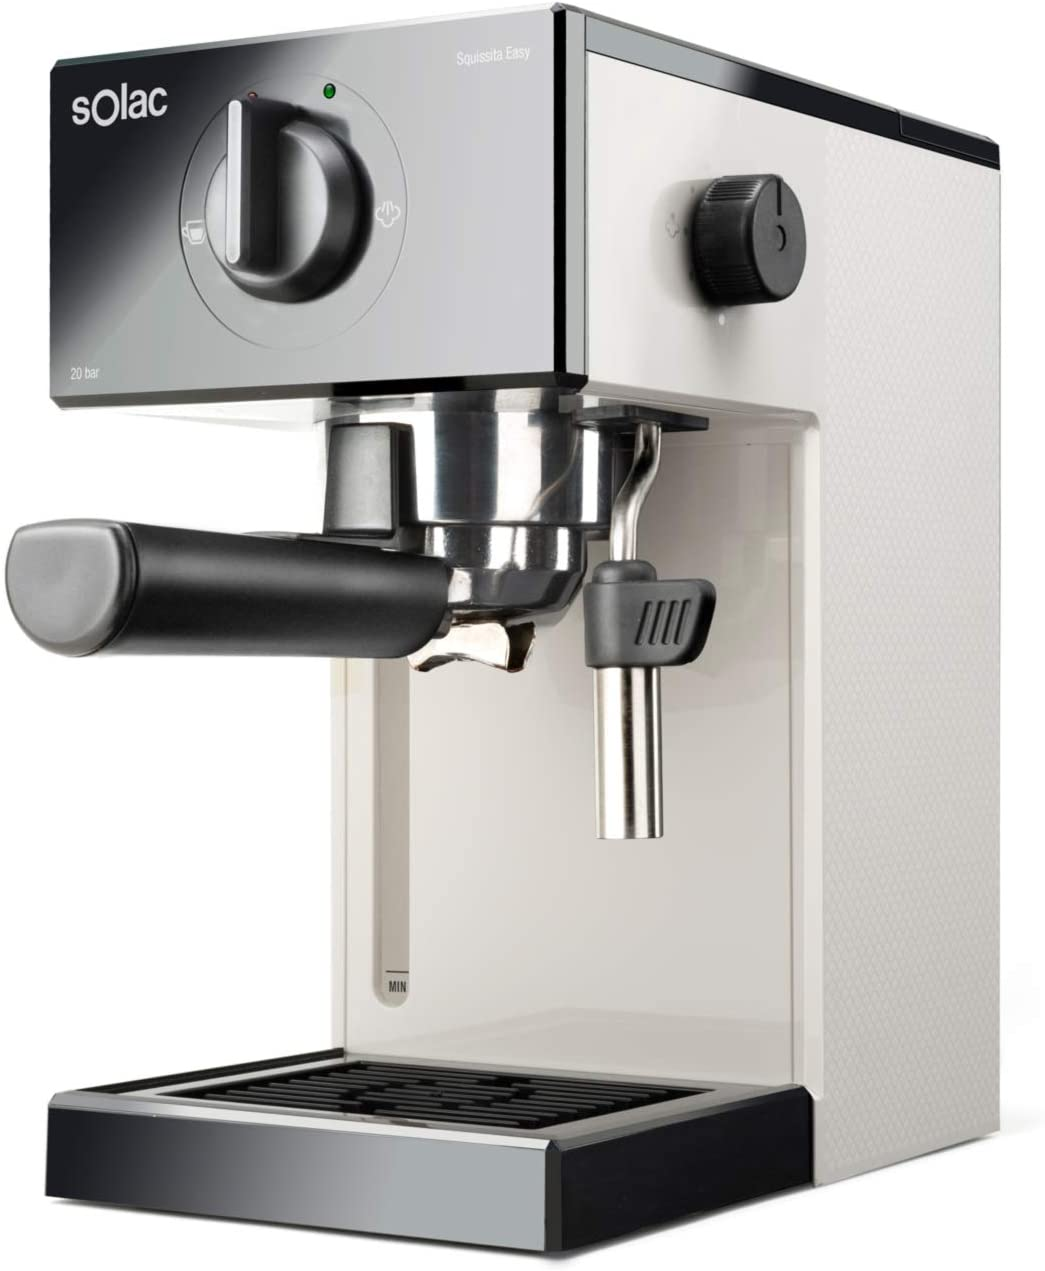 Cafetera espresso Solac Squissita